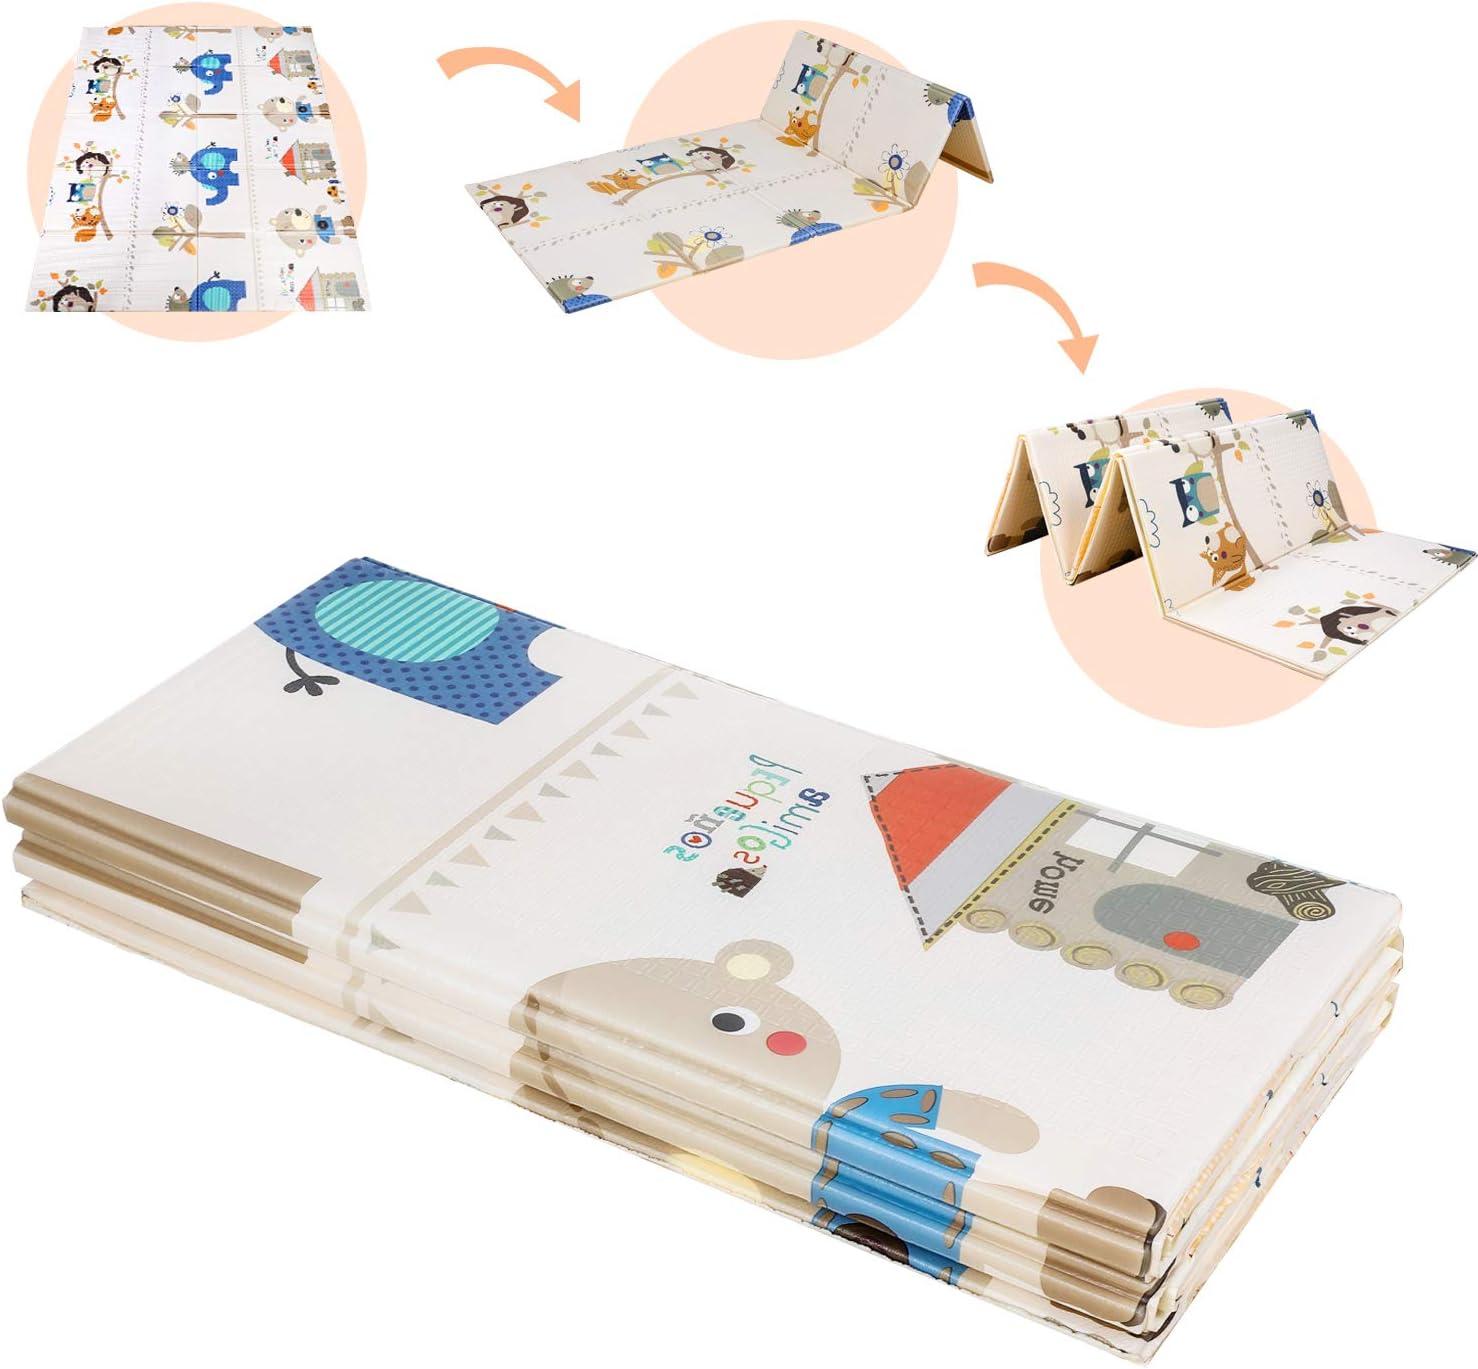 Tapis de jeu b/éb/é 0 m + tapis de jeu pour b/éb/é ext/érieur transportable tapis de jeu en mousse pour b/éb/é Monde oc/éanique Leogreen